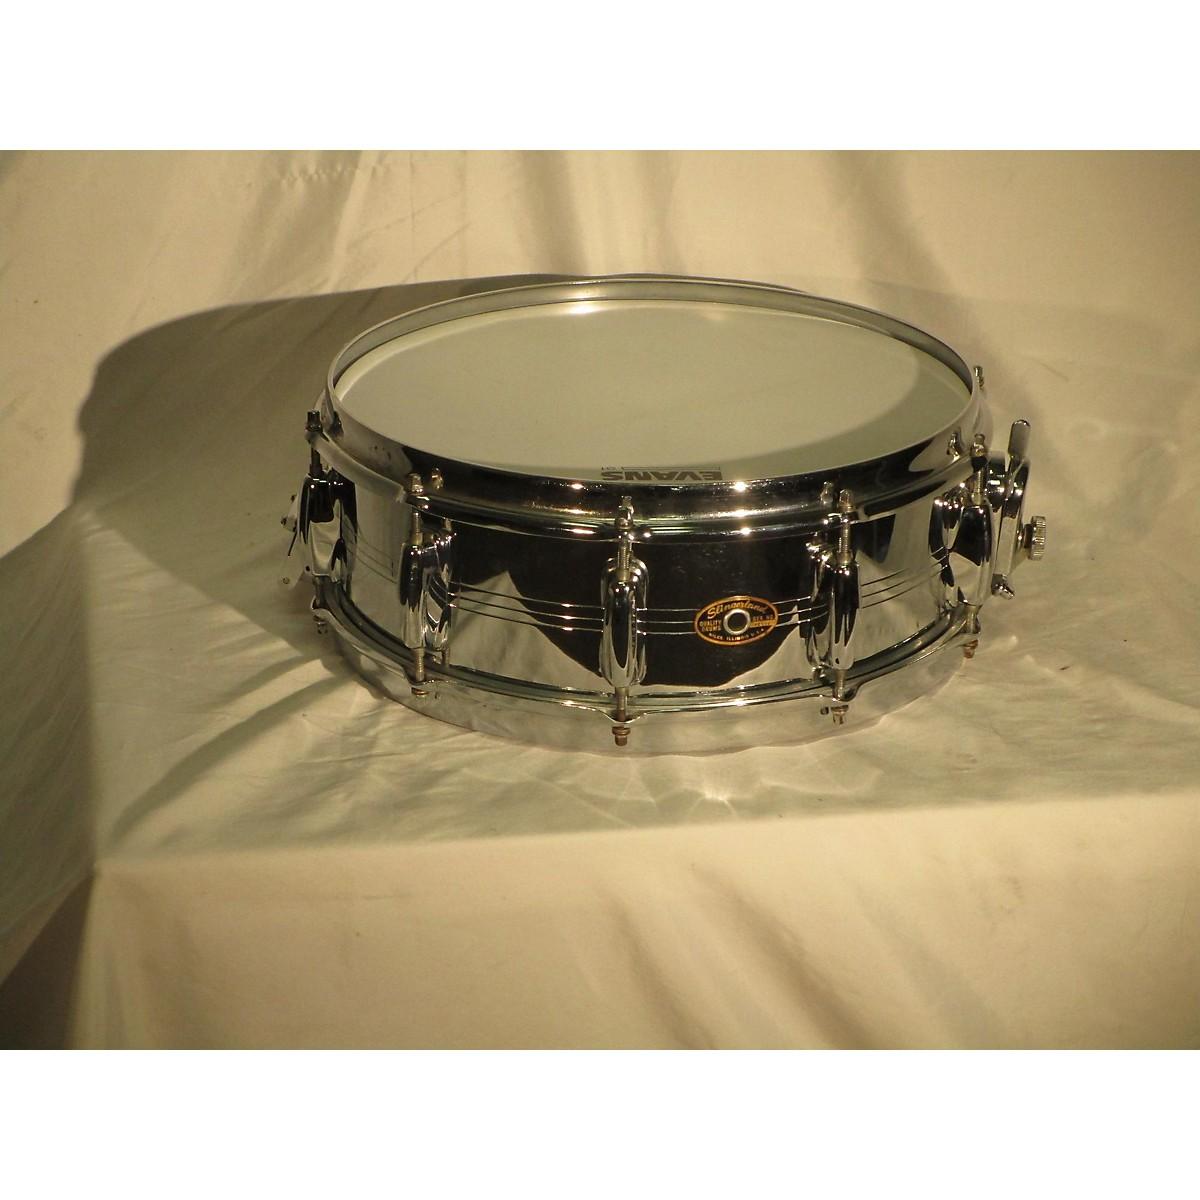 Slingerland 1960s 14X6 Gene Krupa Soundking Snare Drum